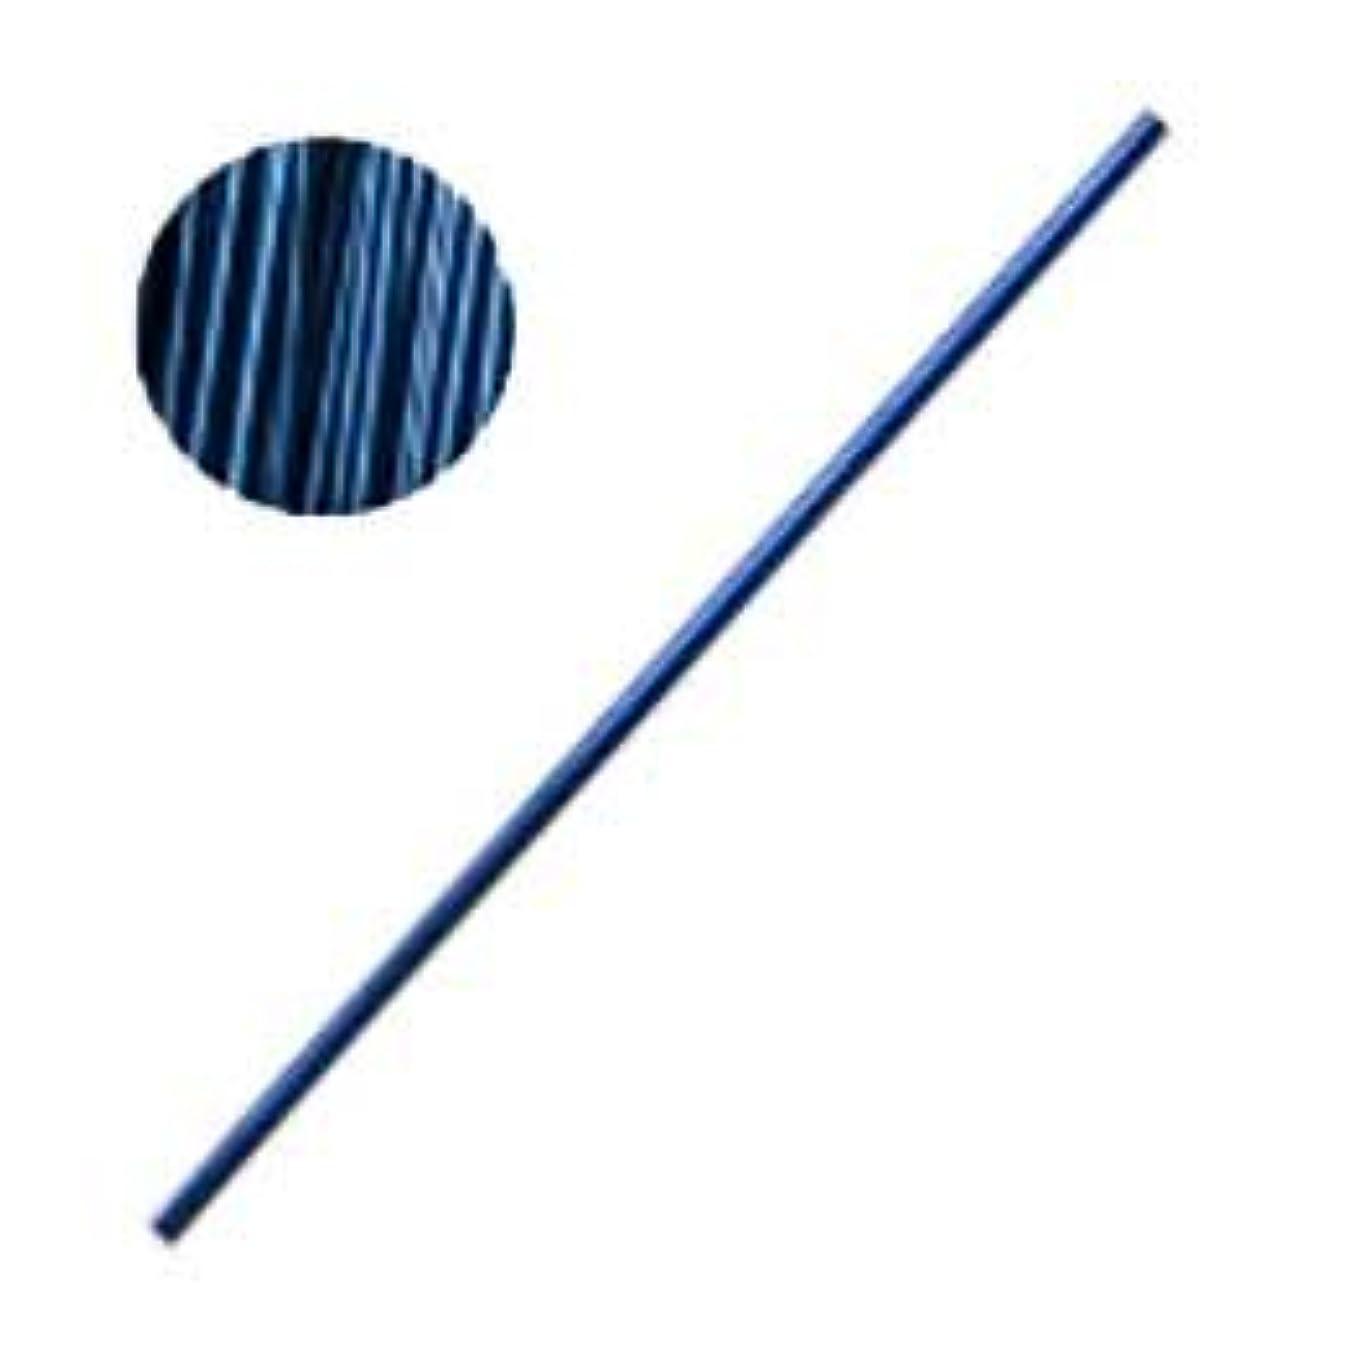 日光バーターくつろぎBonnail カラーワイヤー ブルー 10cm